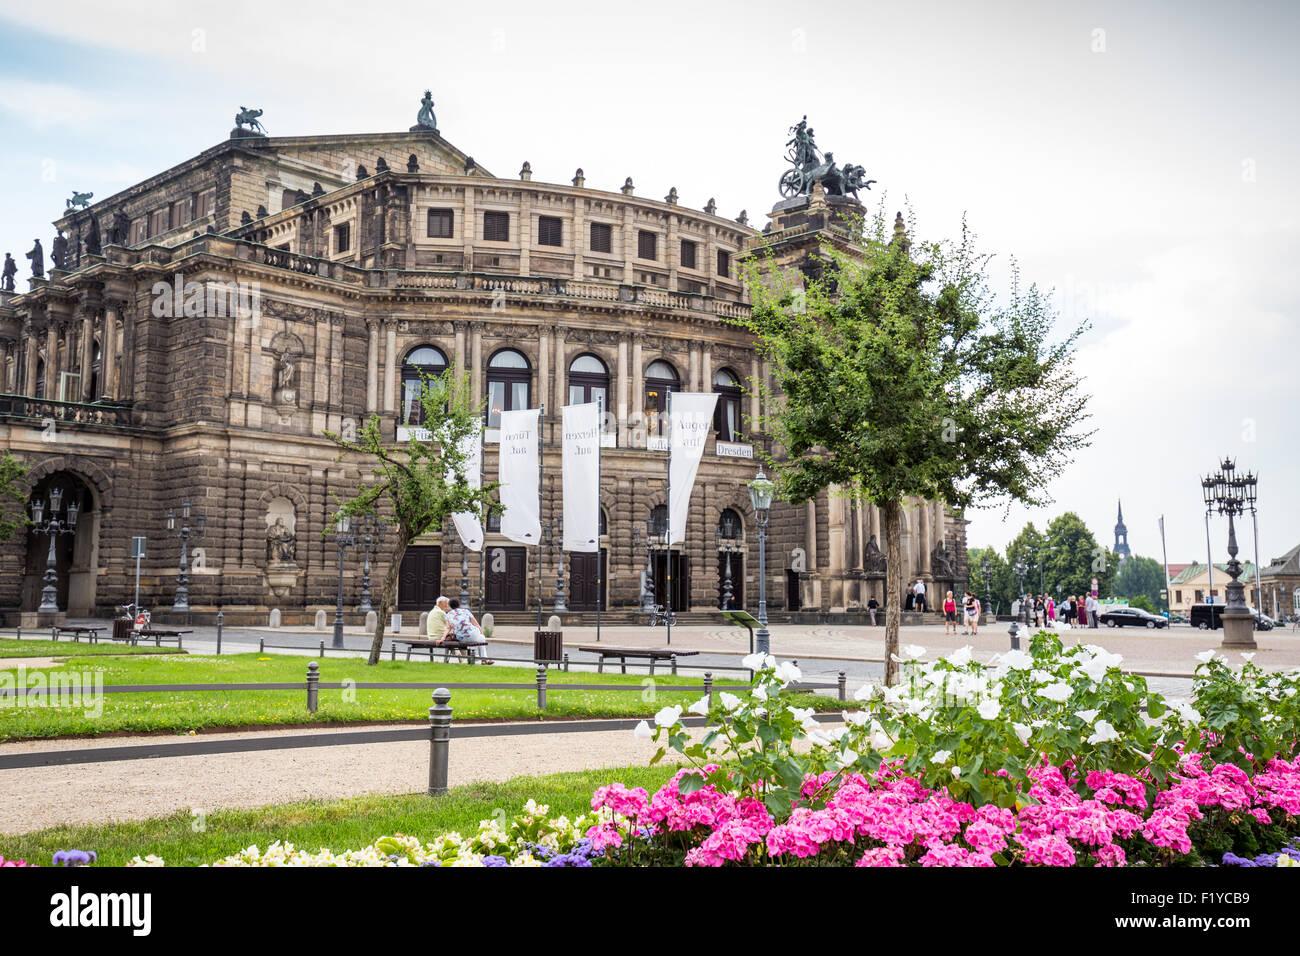 Semperoper-Oper am Theaterplatz Square historischer Stadtkern der Altstadt Dresden, Sachsen, Deutschland, Europa Stockbild